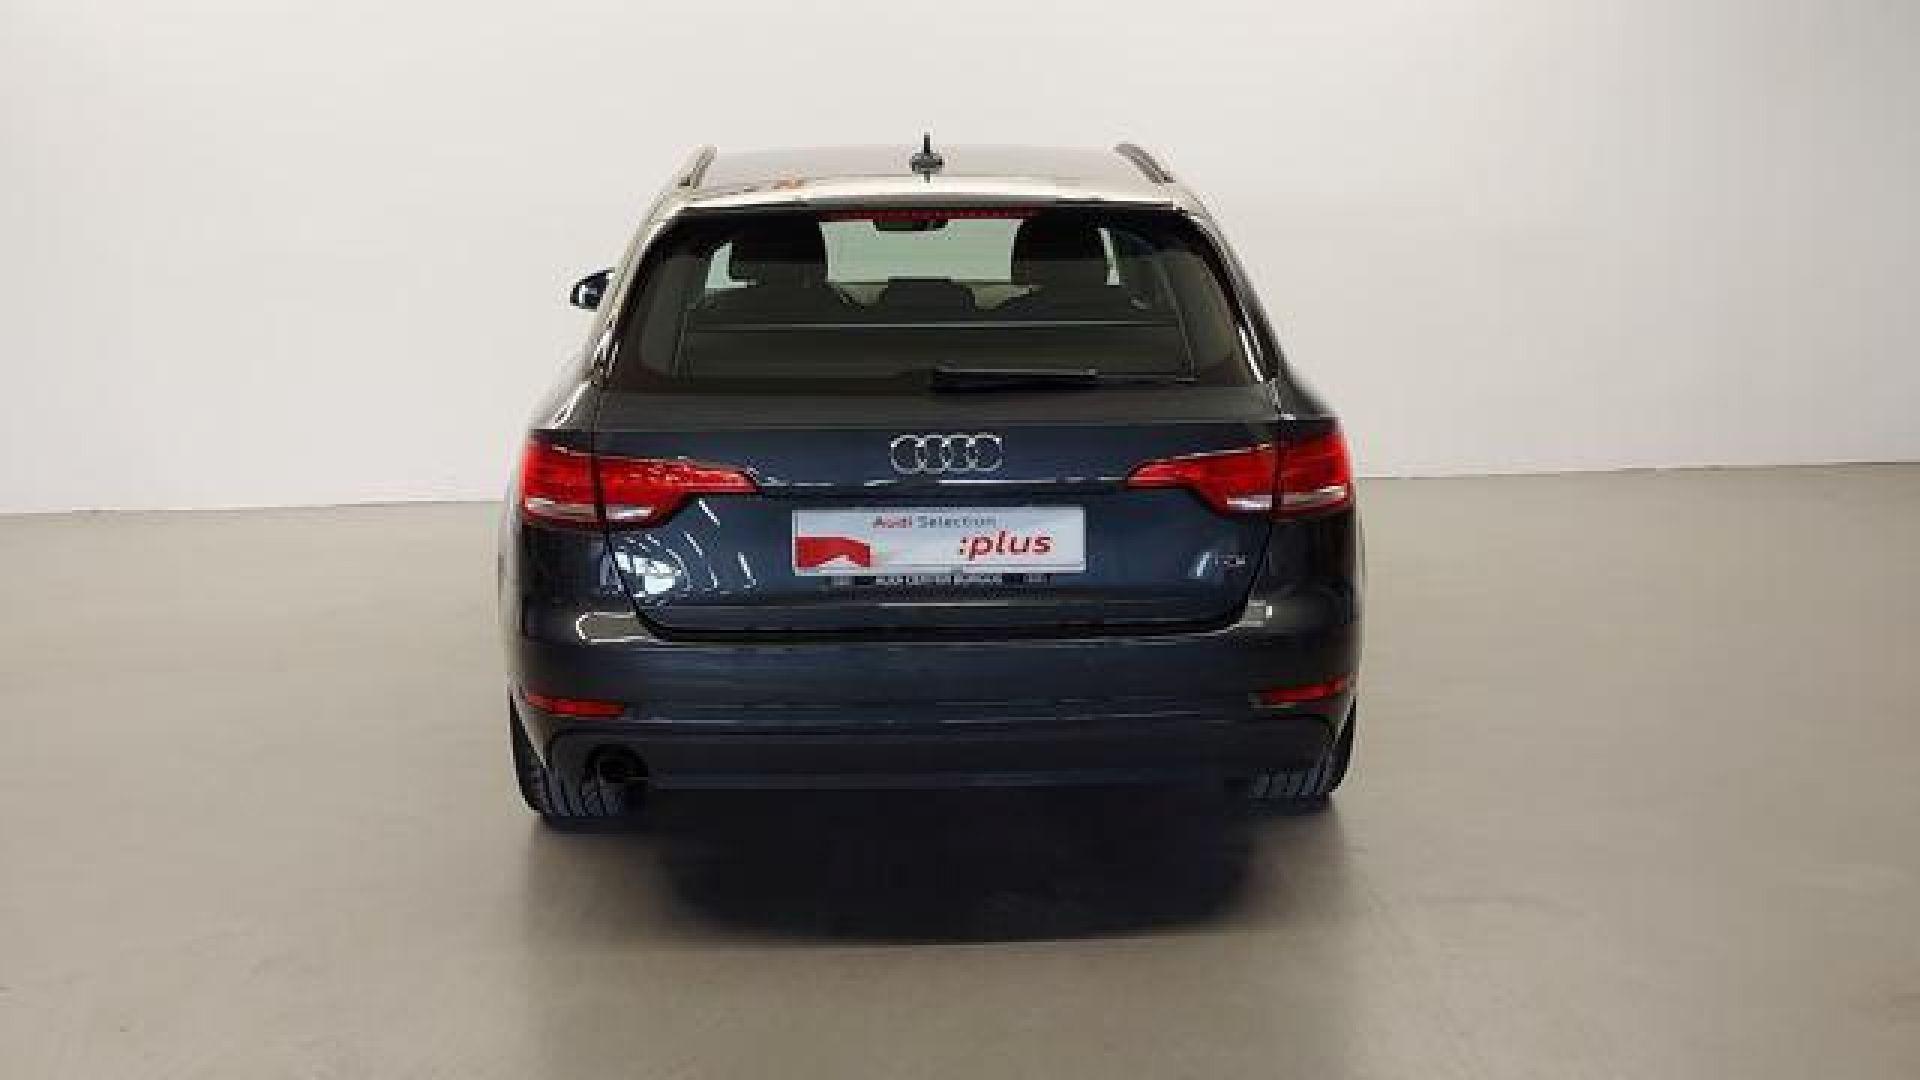 Audi A4 Avant 2.0 TDI 150CV S tronic Advanced ed